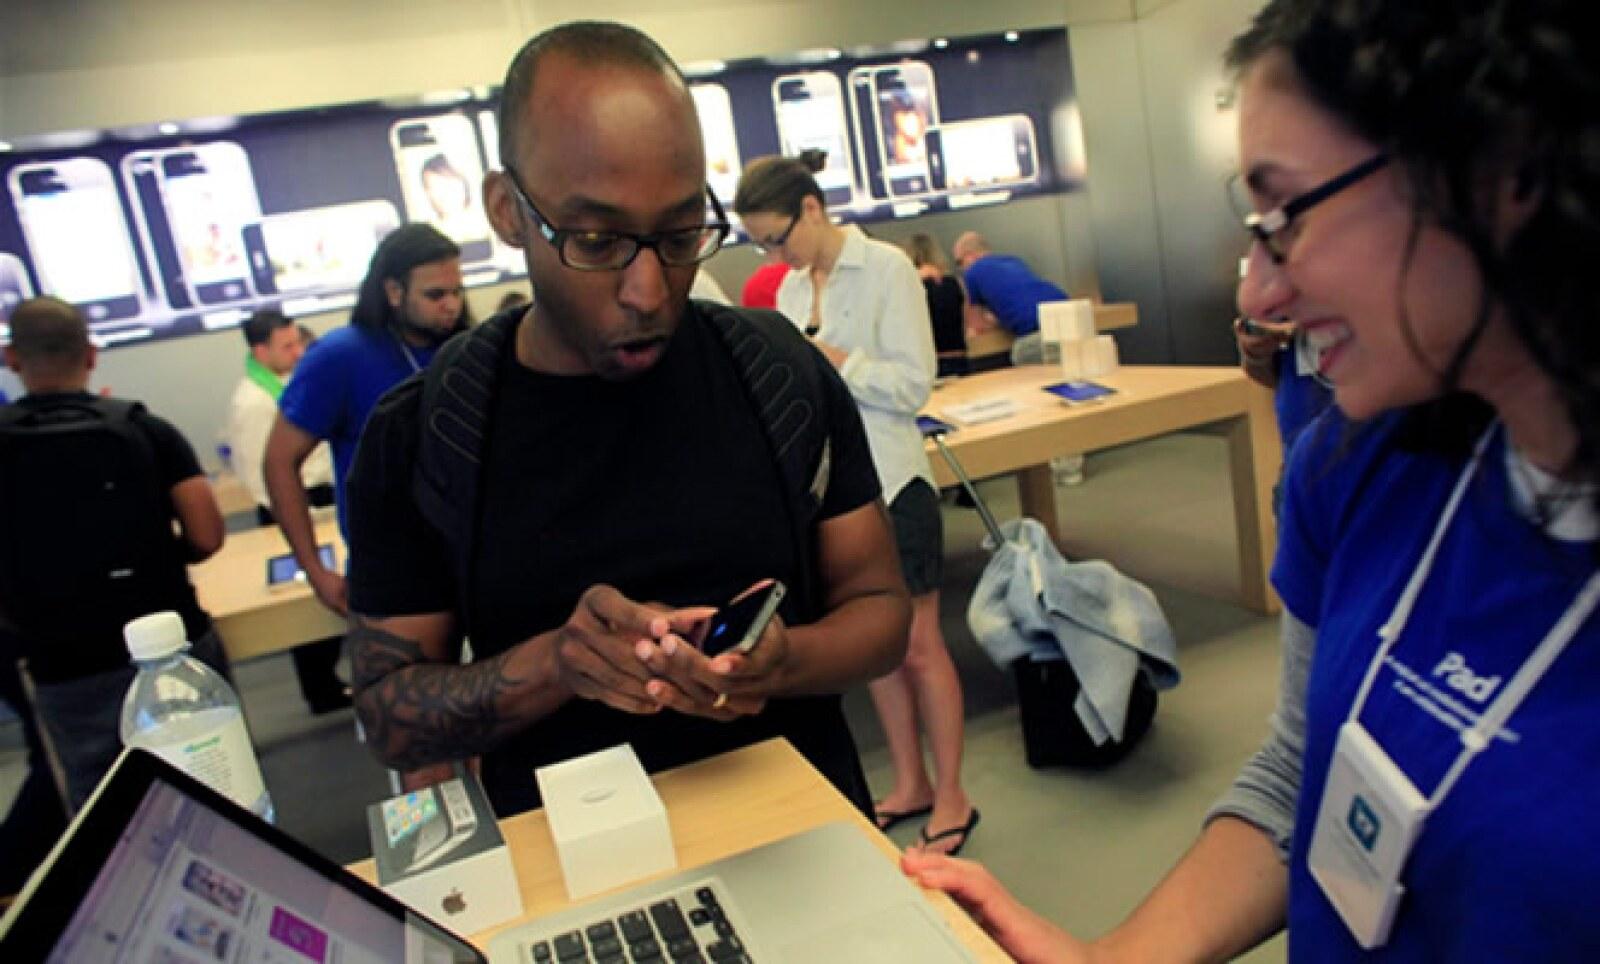 Para el actual trimestre, que termina el 26 de junio, analistas esperan aproximadamente que se vendan unos 8 a 9 millones de de iPhones.